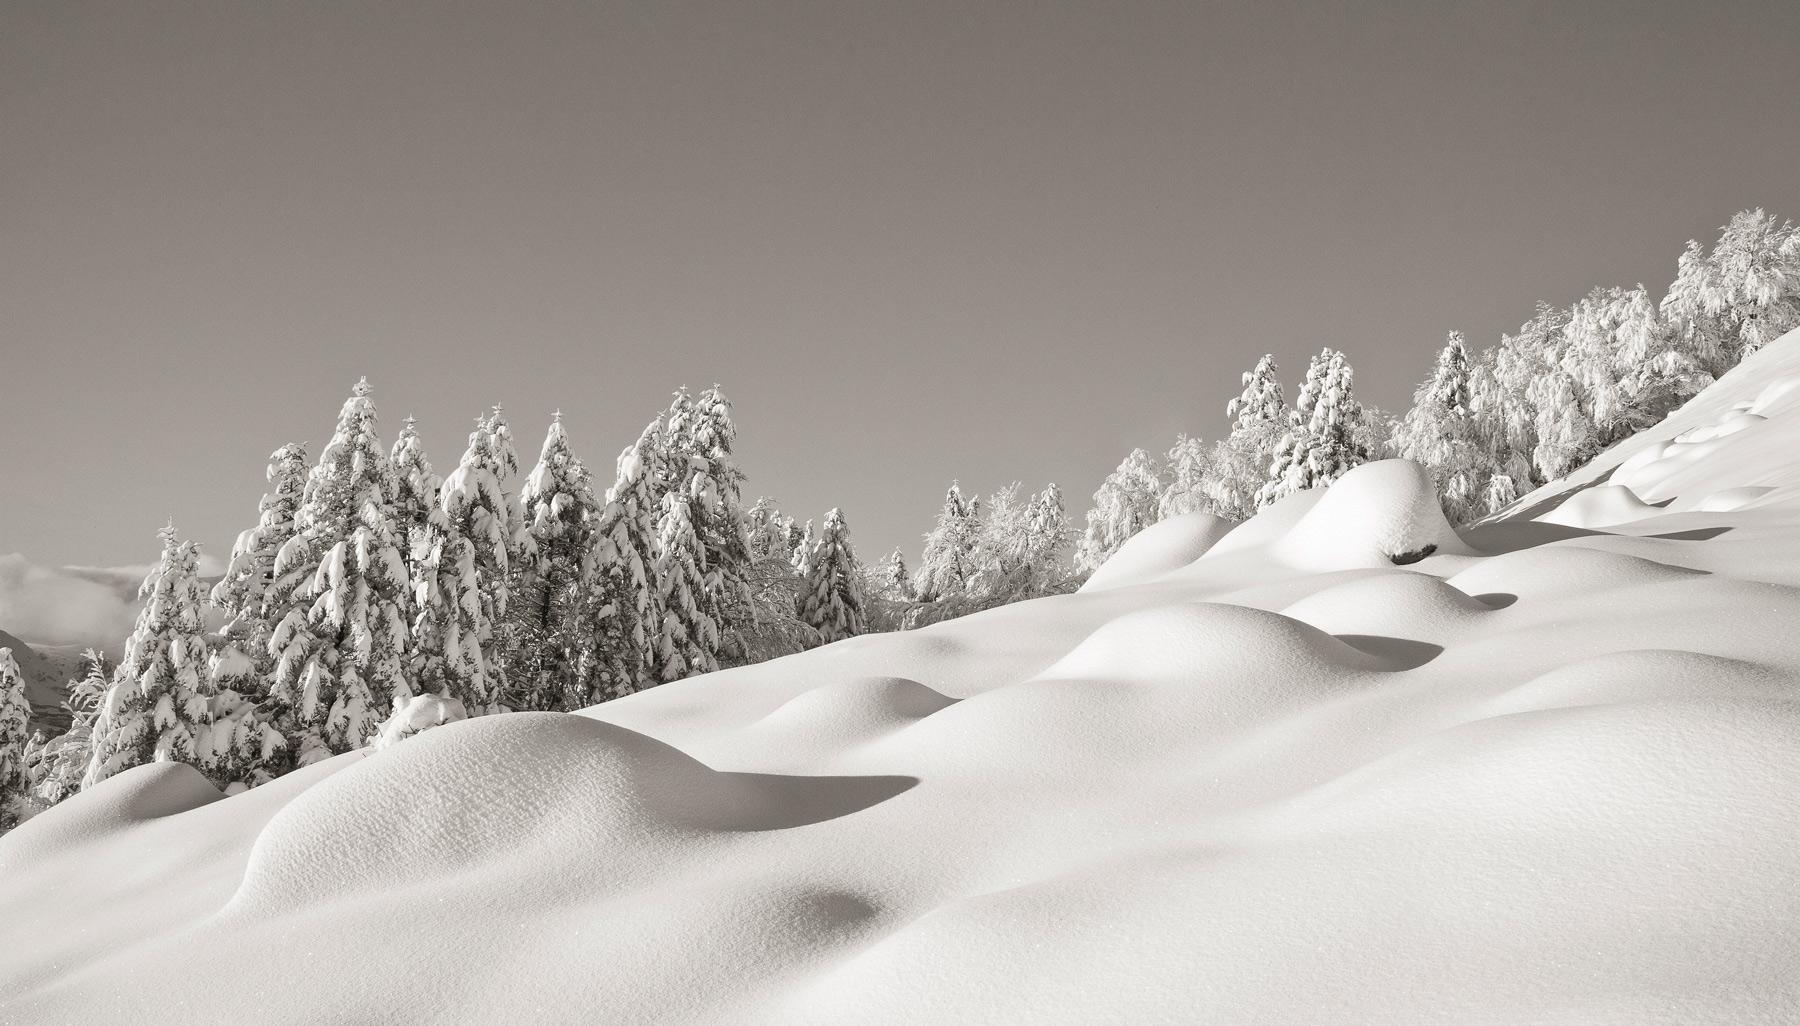 Œufs de dragon sous la neige